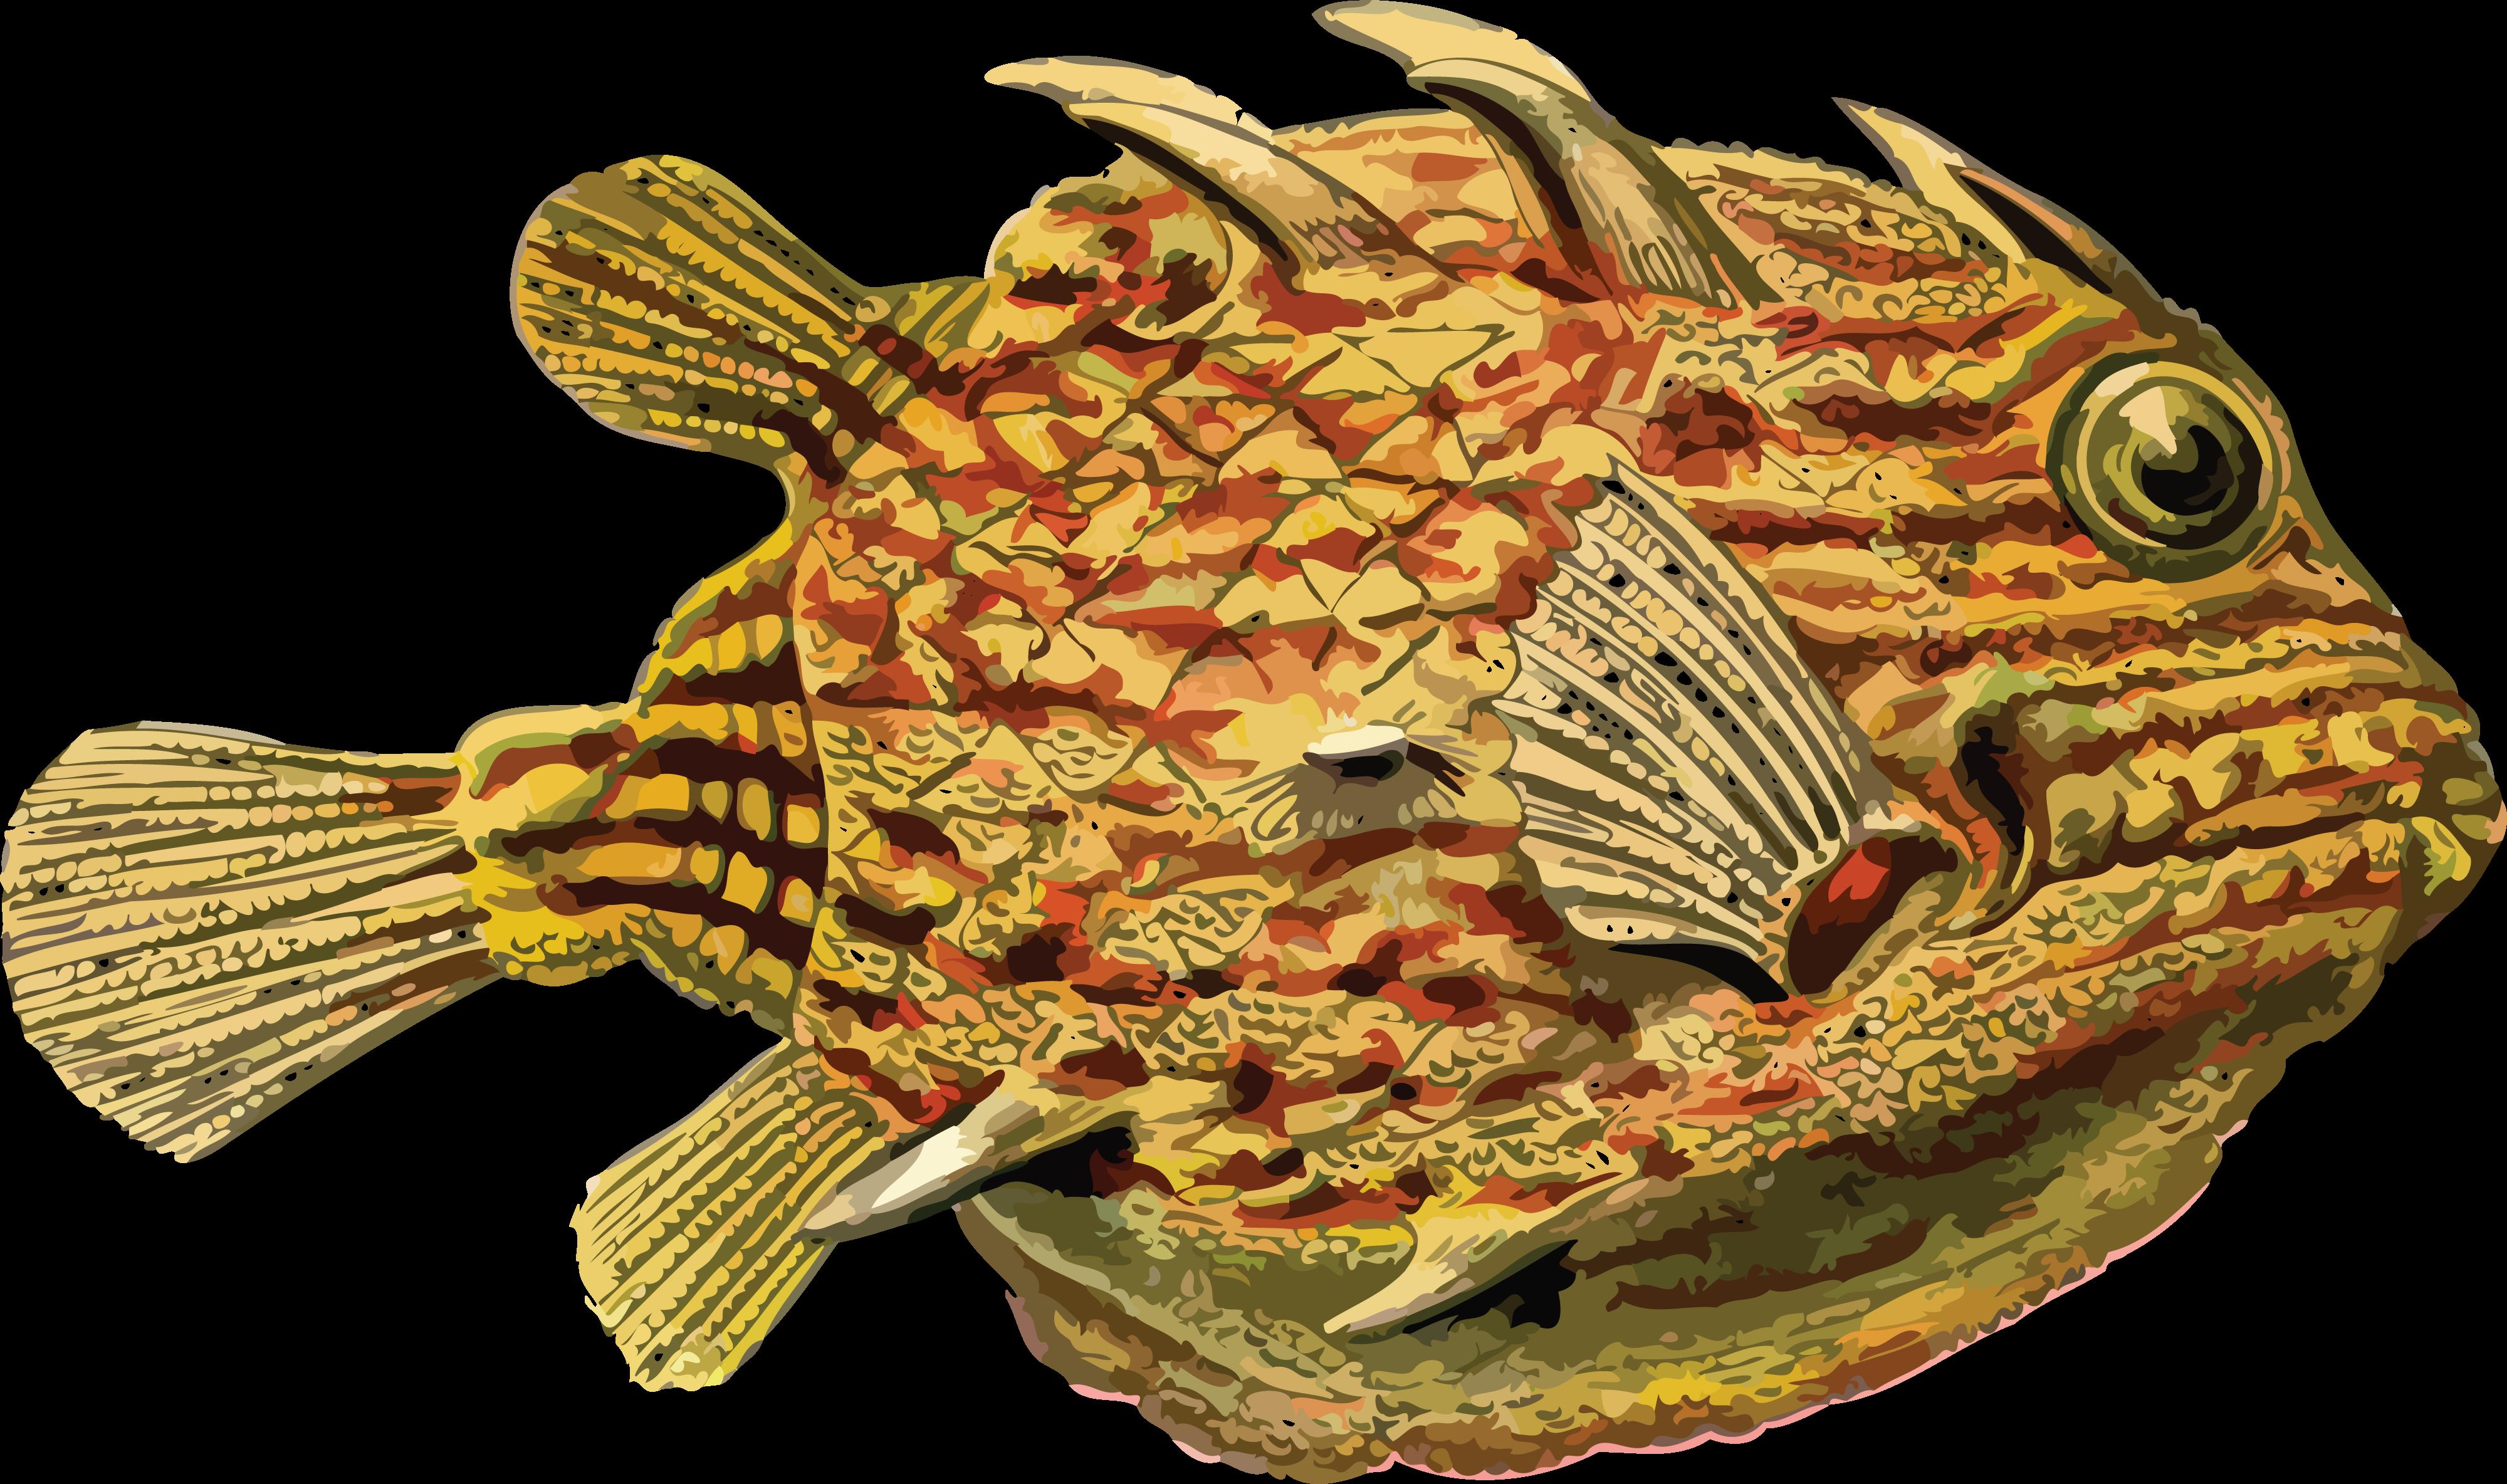 Download Hd Contoh Gambar Dekoratif Hewan Seperti Ikan